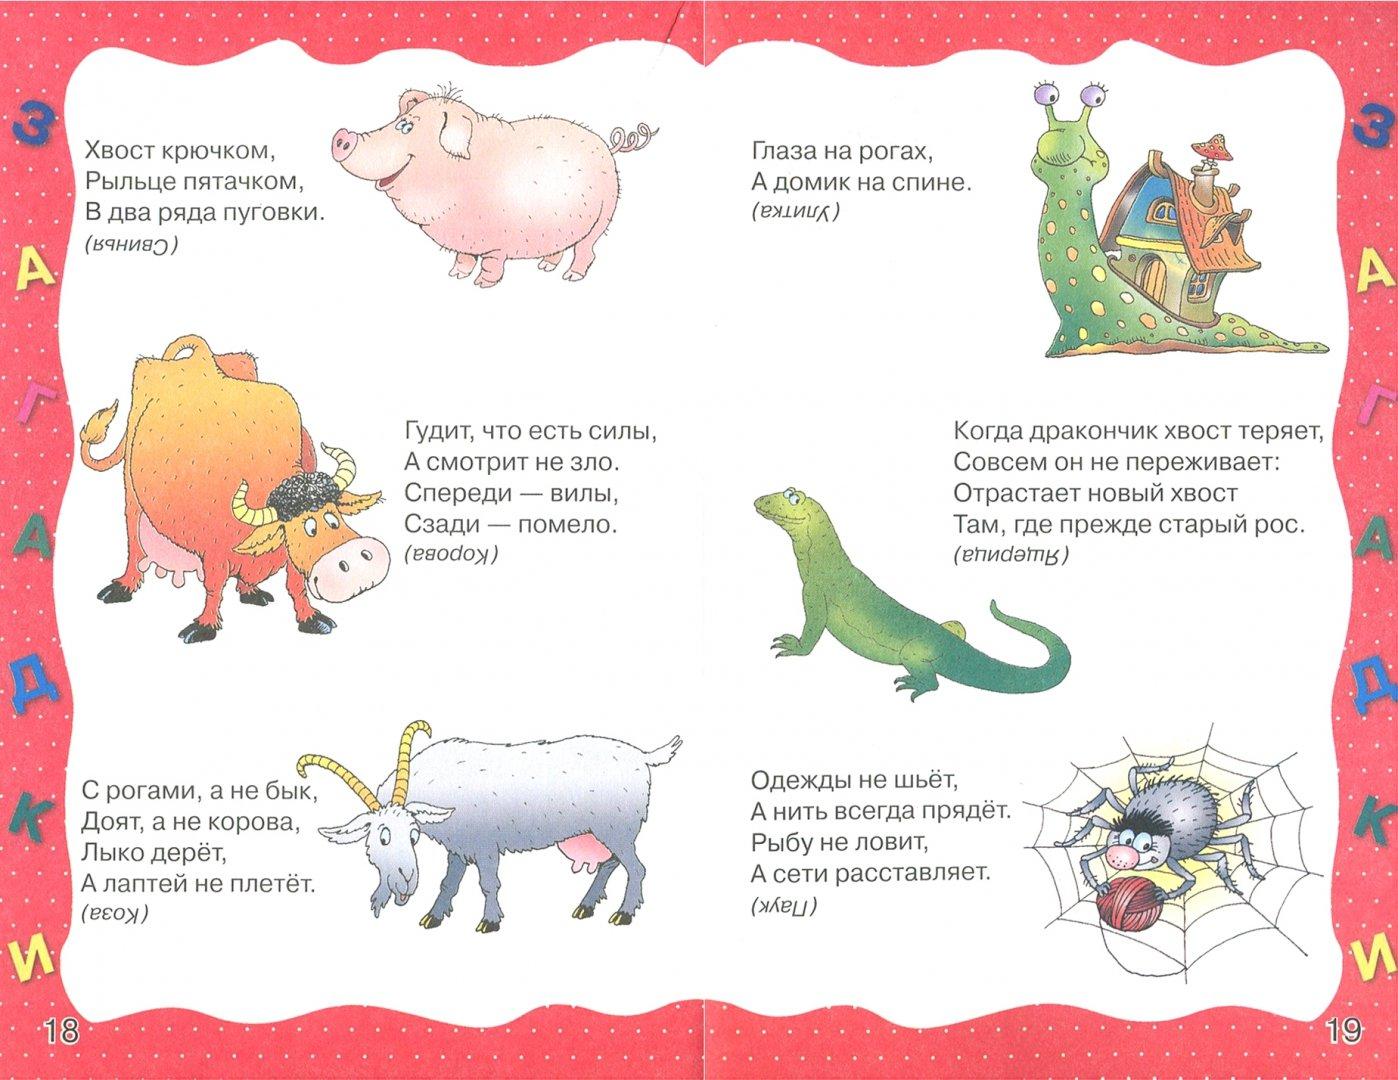 Загадки детские с ответами картинками